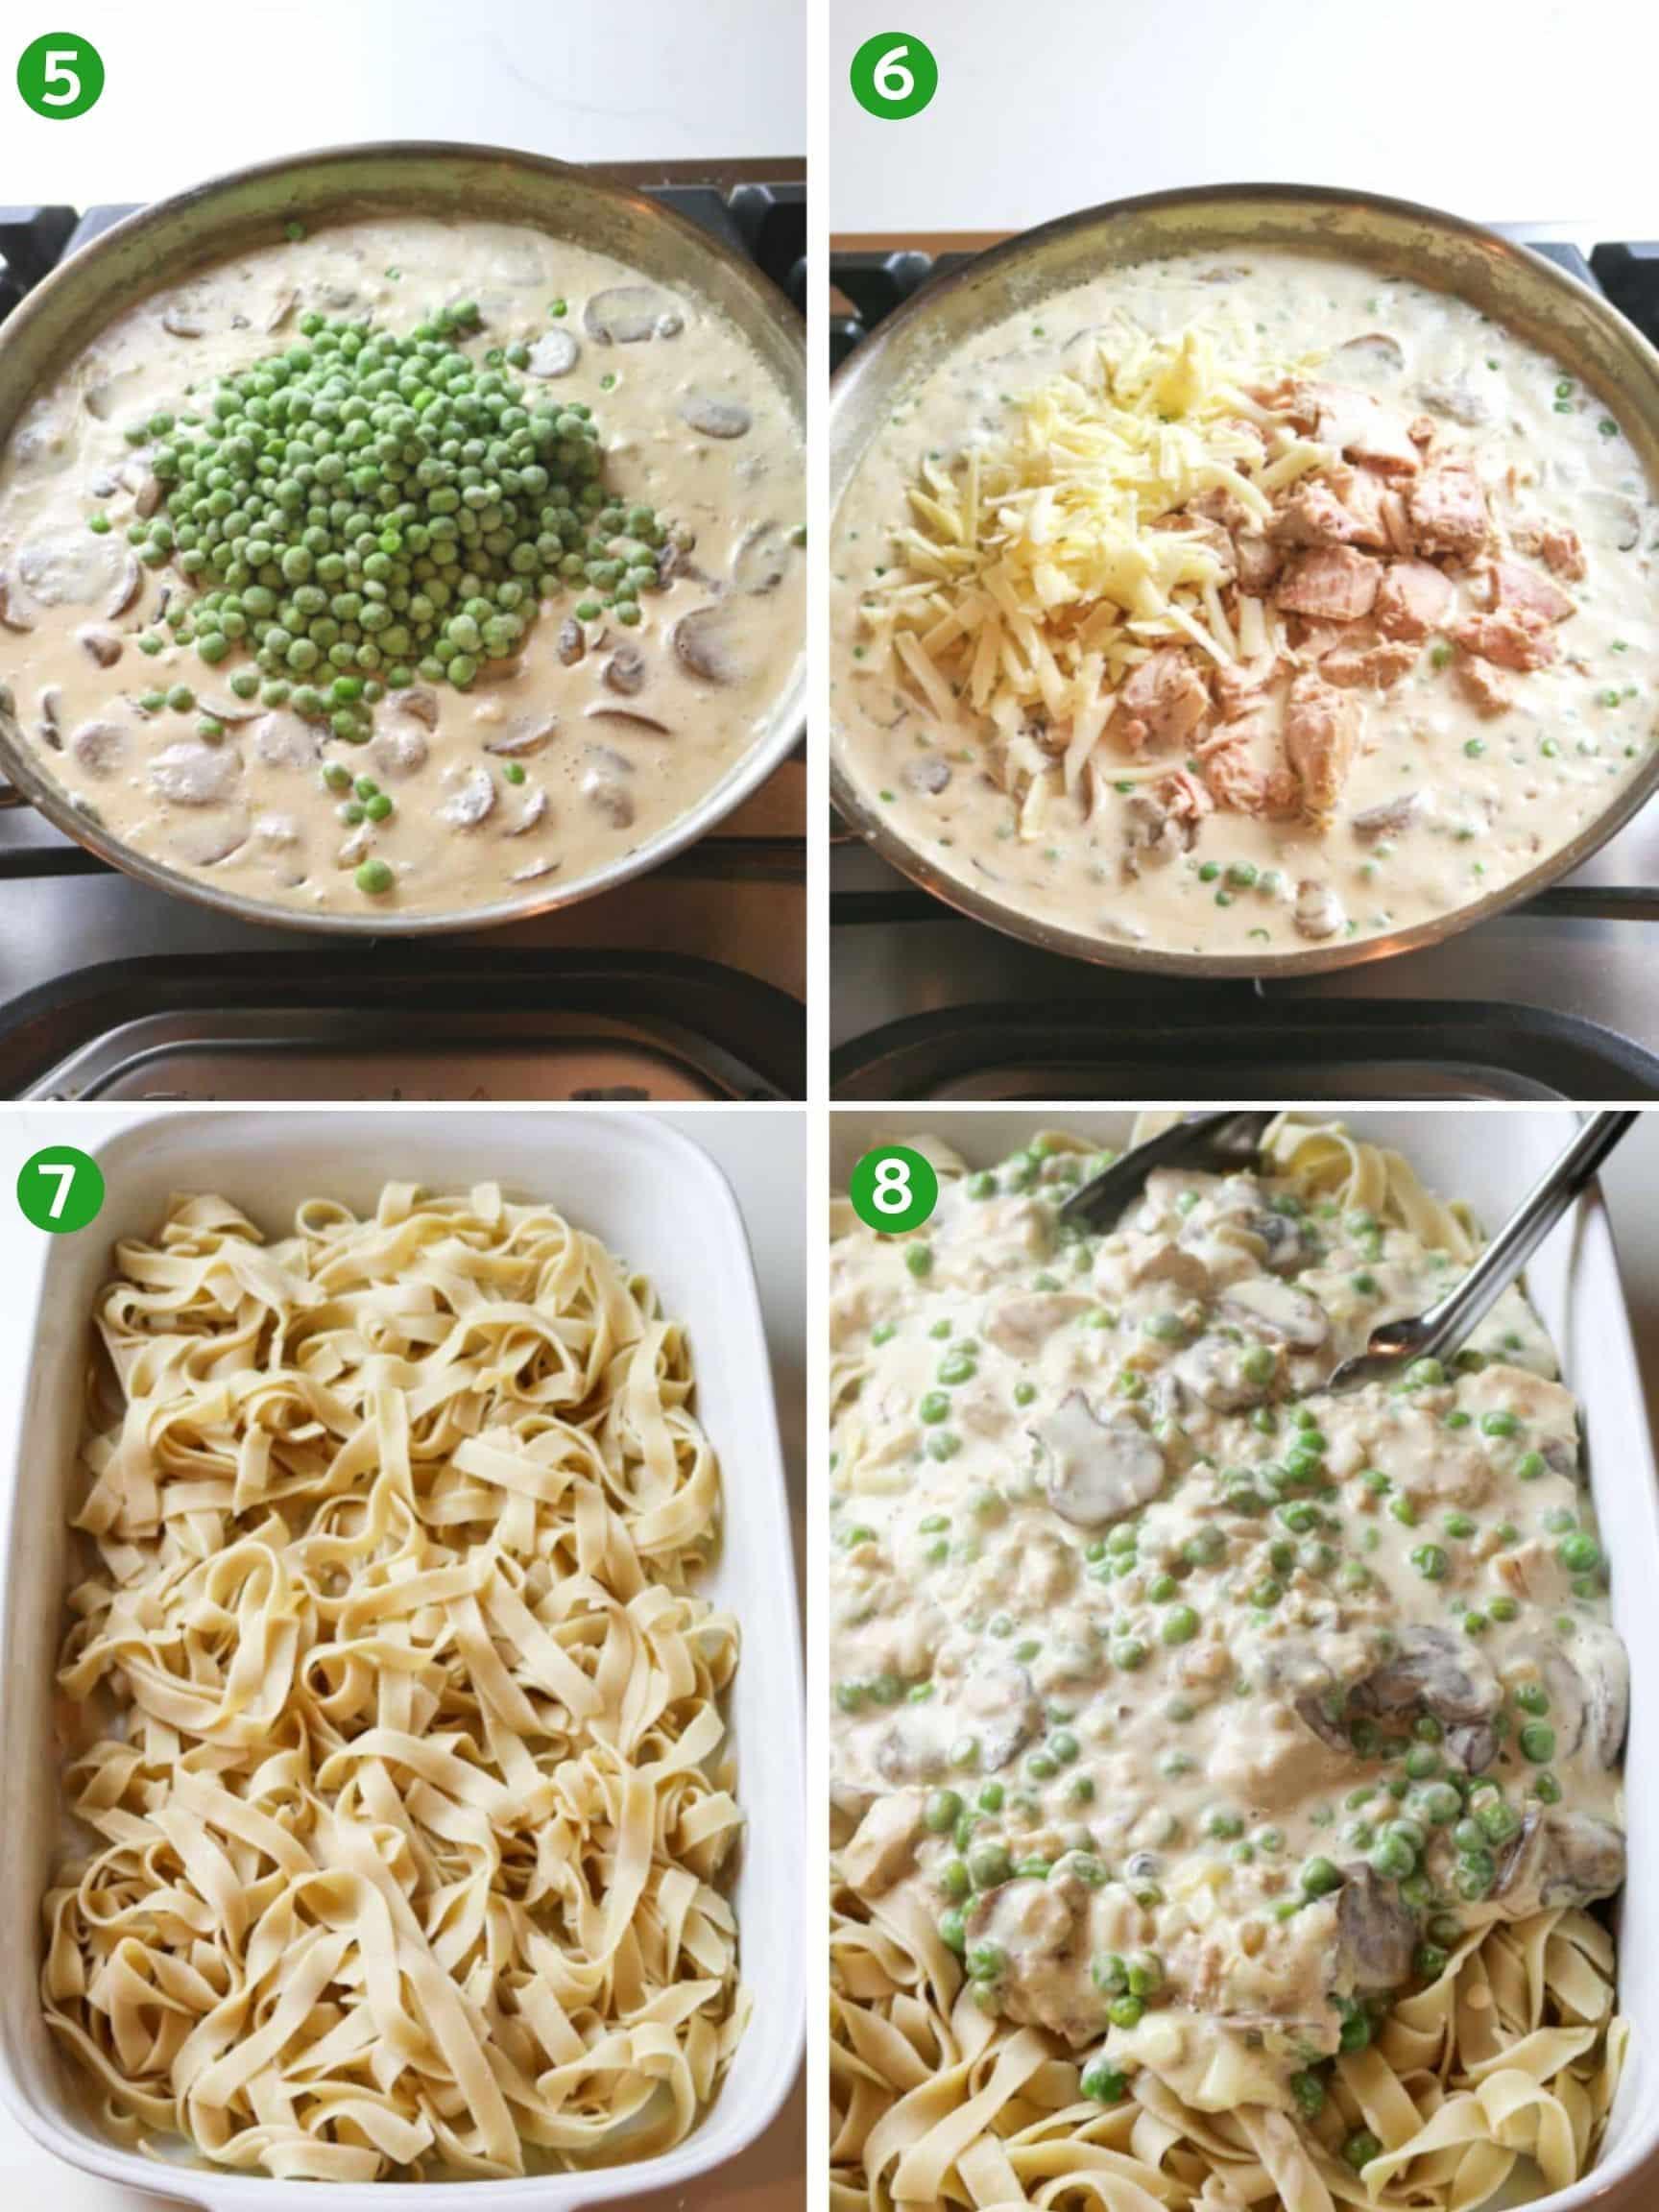 Steps 5 through 8 of healthy tuna casserole